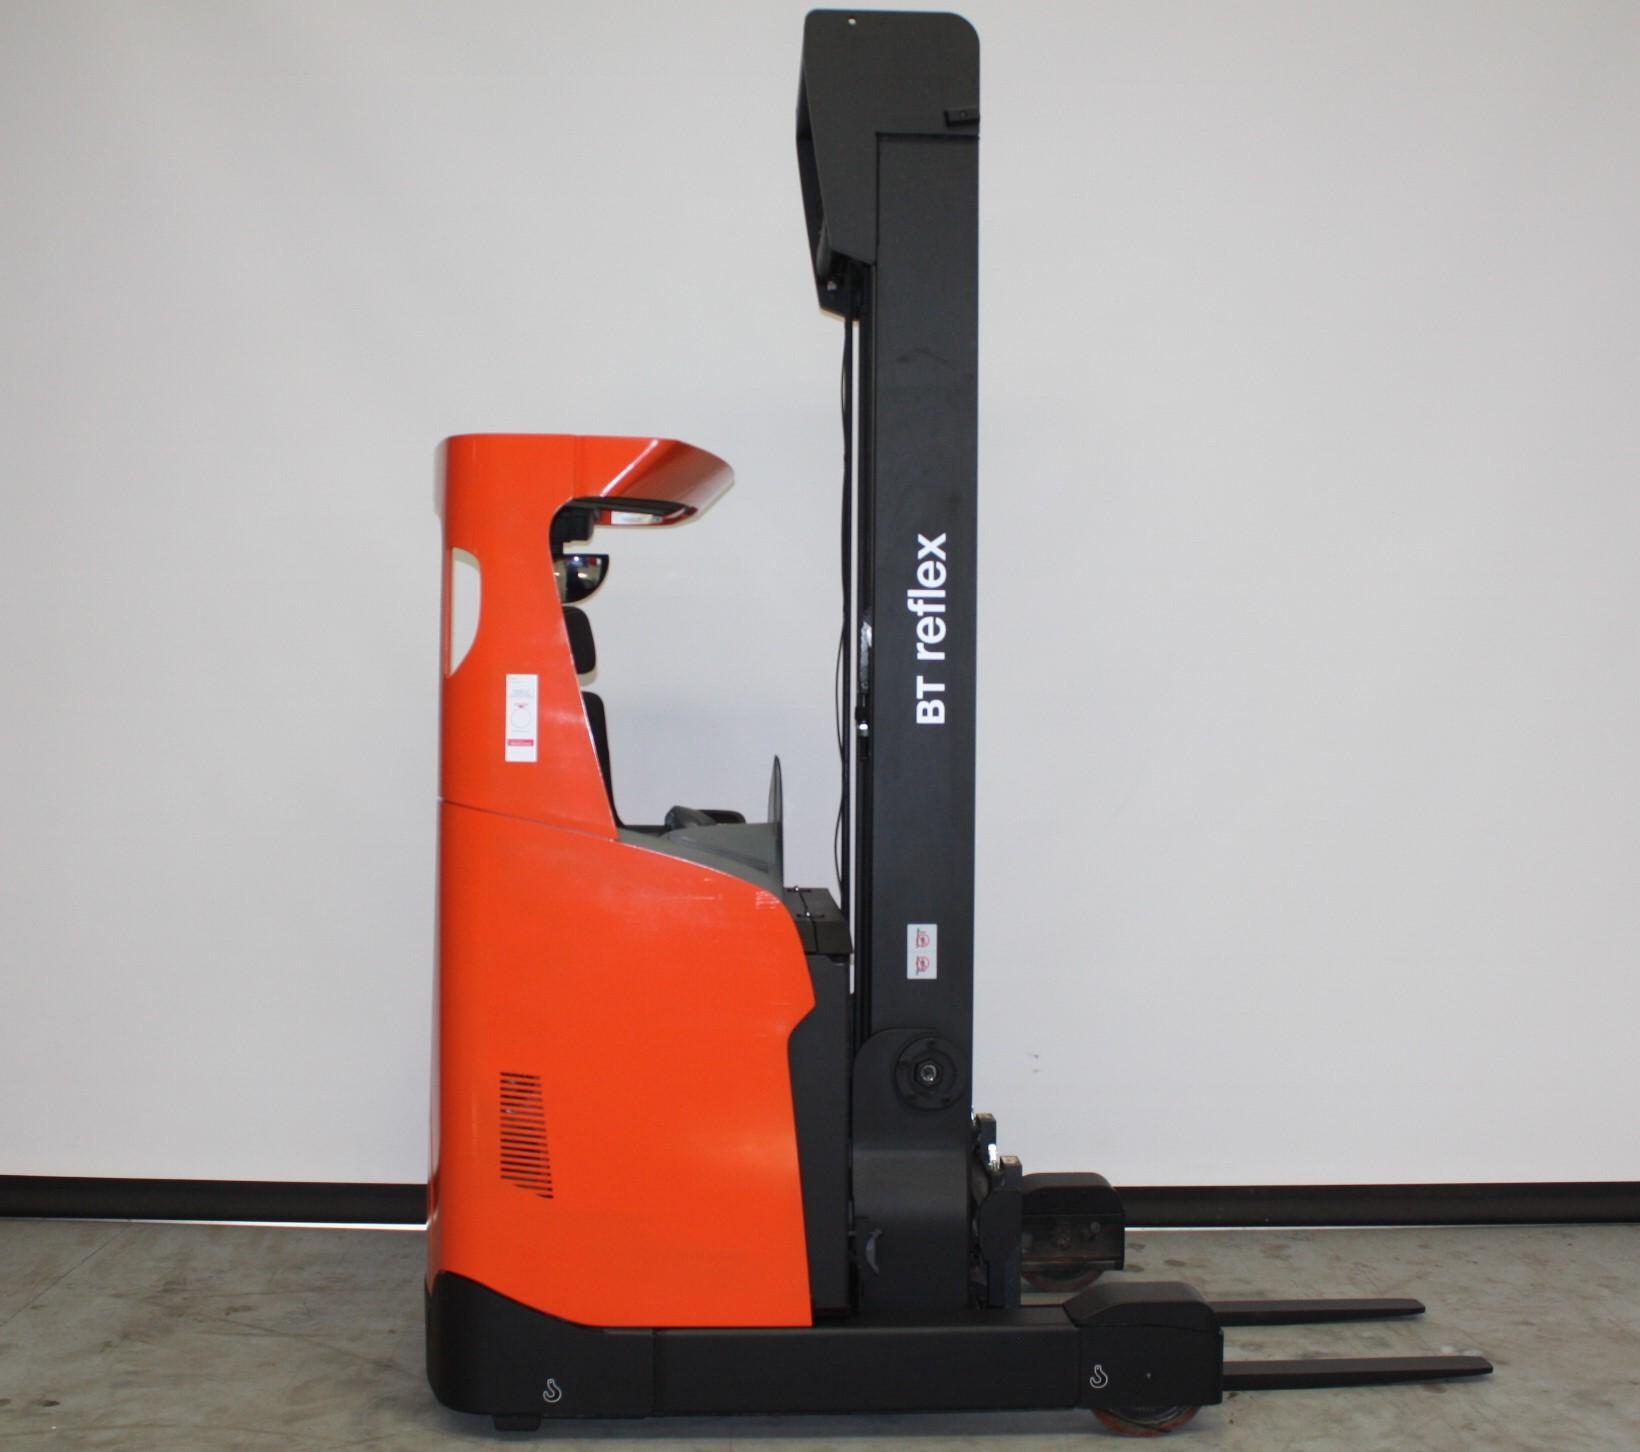 Toyota-Gabelstapler-59840 1712013661 1 87